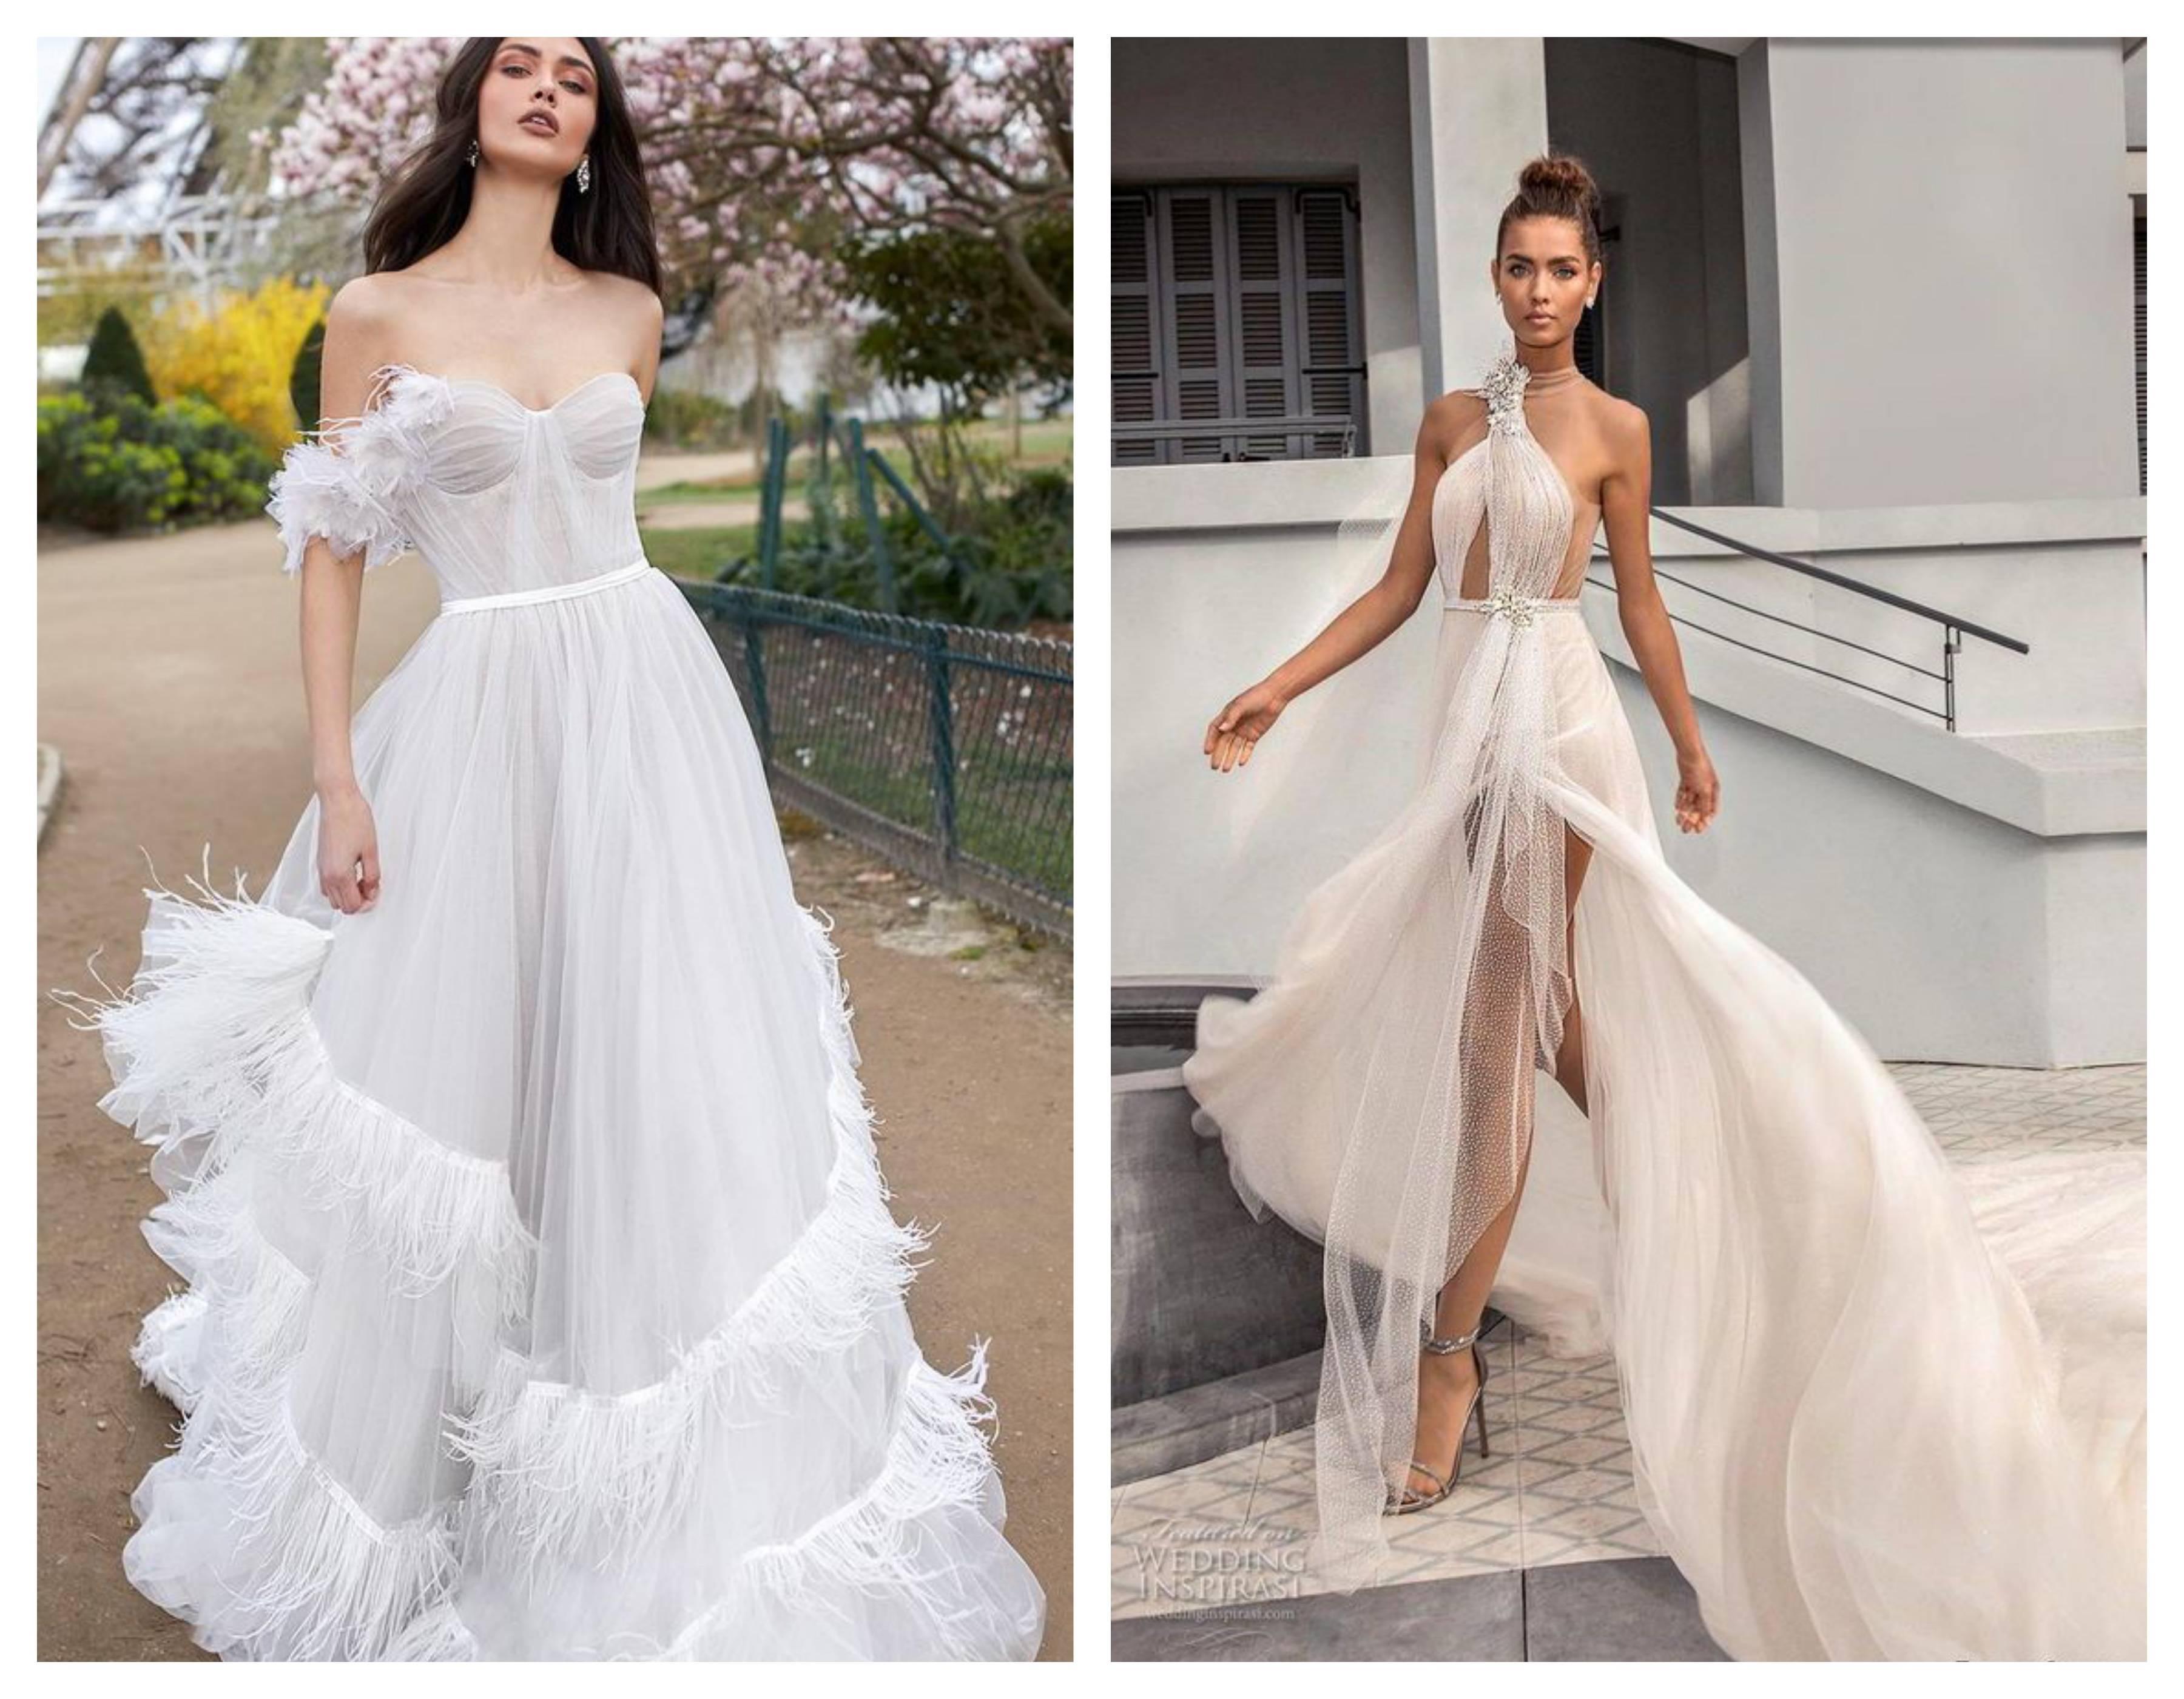 Как постирать свадебное платье в домашних условиях?